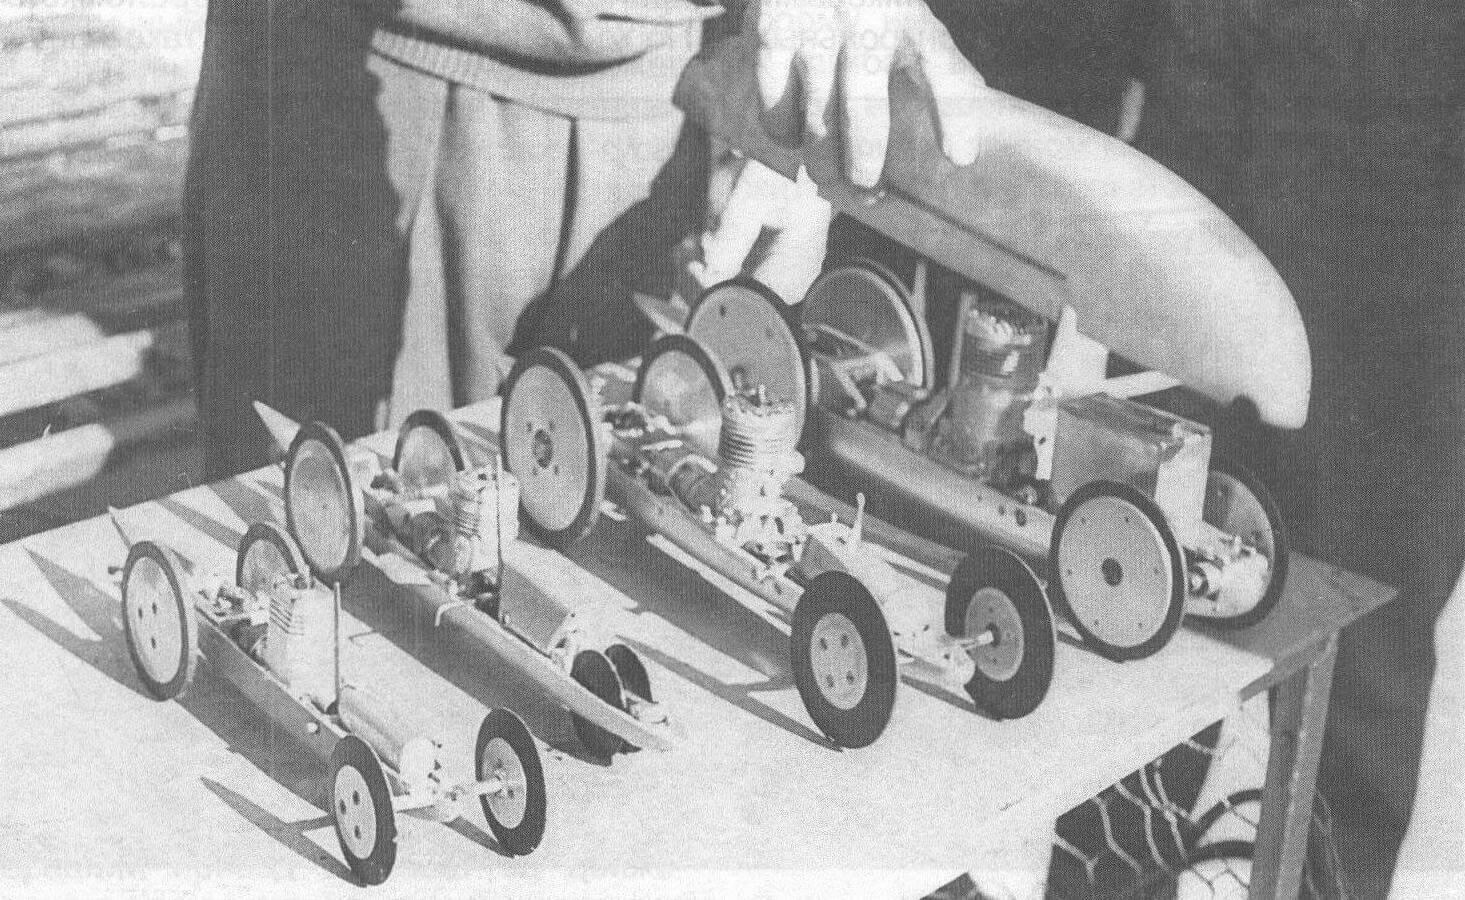 Кордовые модели 1960-х годов: 1,5 см3, 2,5 см3, 5 см3 и 10 см3